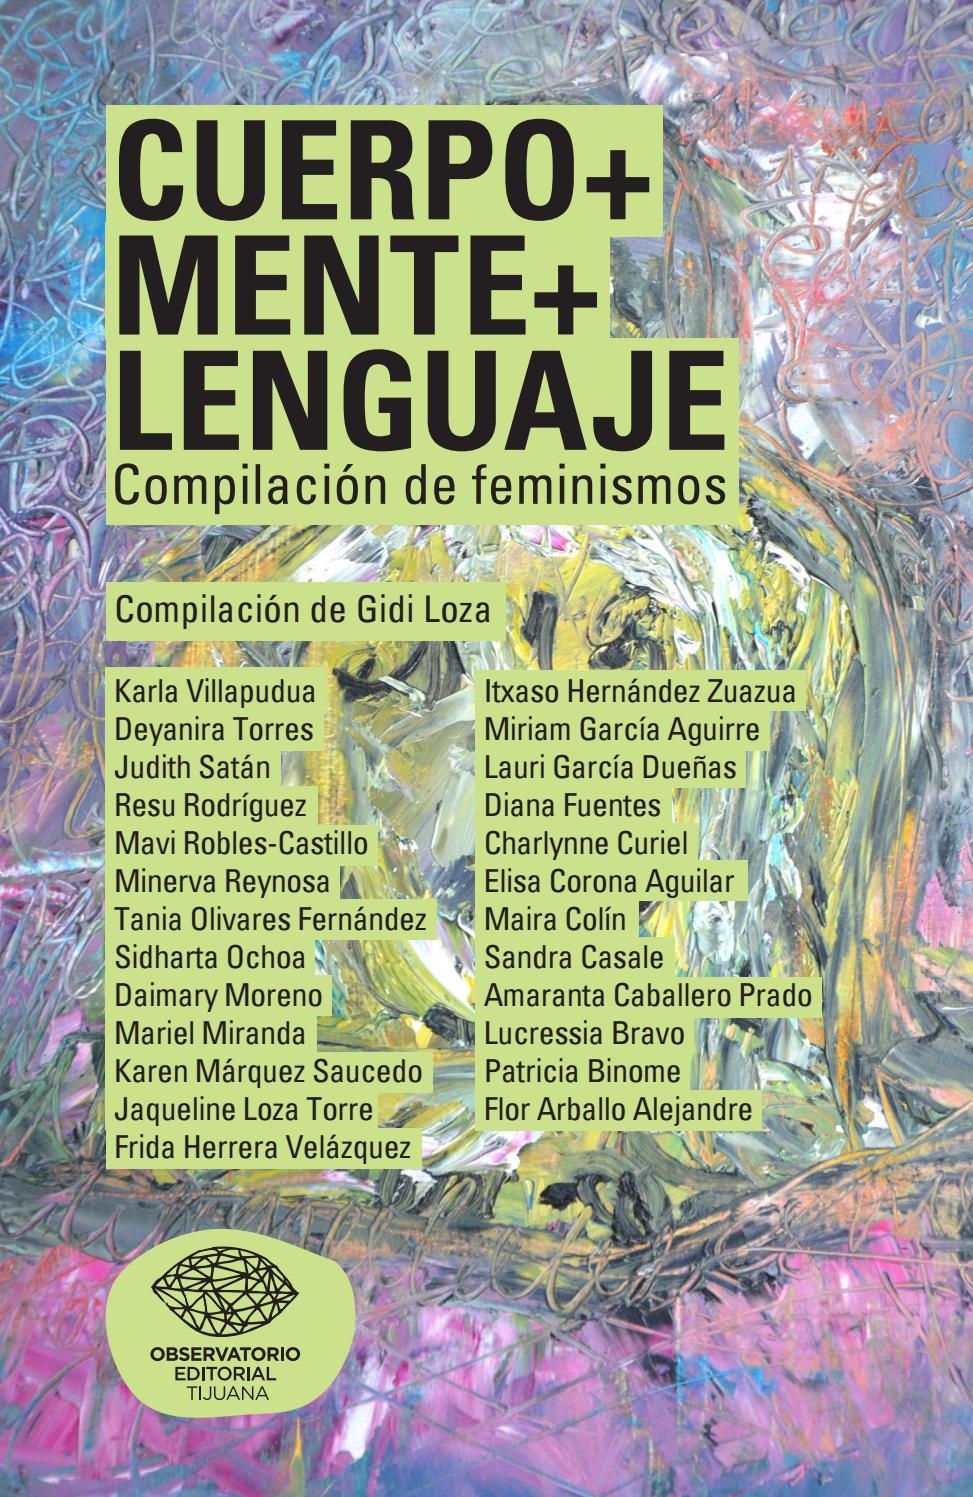 Cuerpo+Mente+Lenguaje. Compilación de feminismos by Observatorio Editorial  Tijuana - issuu